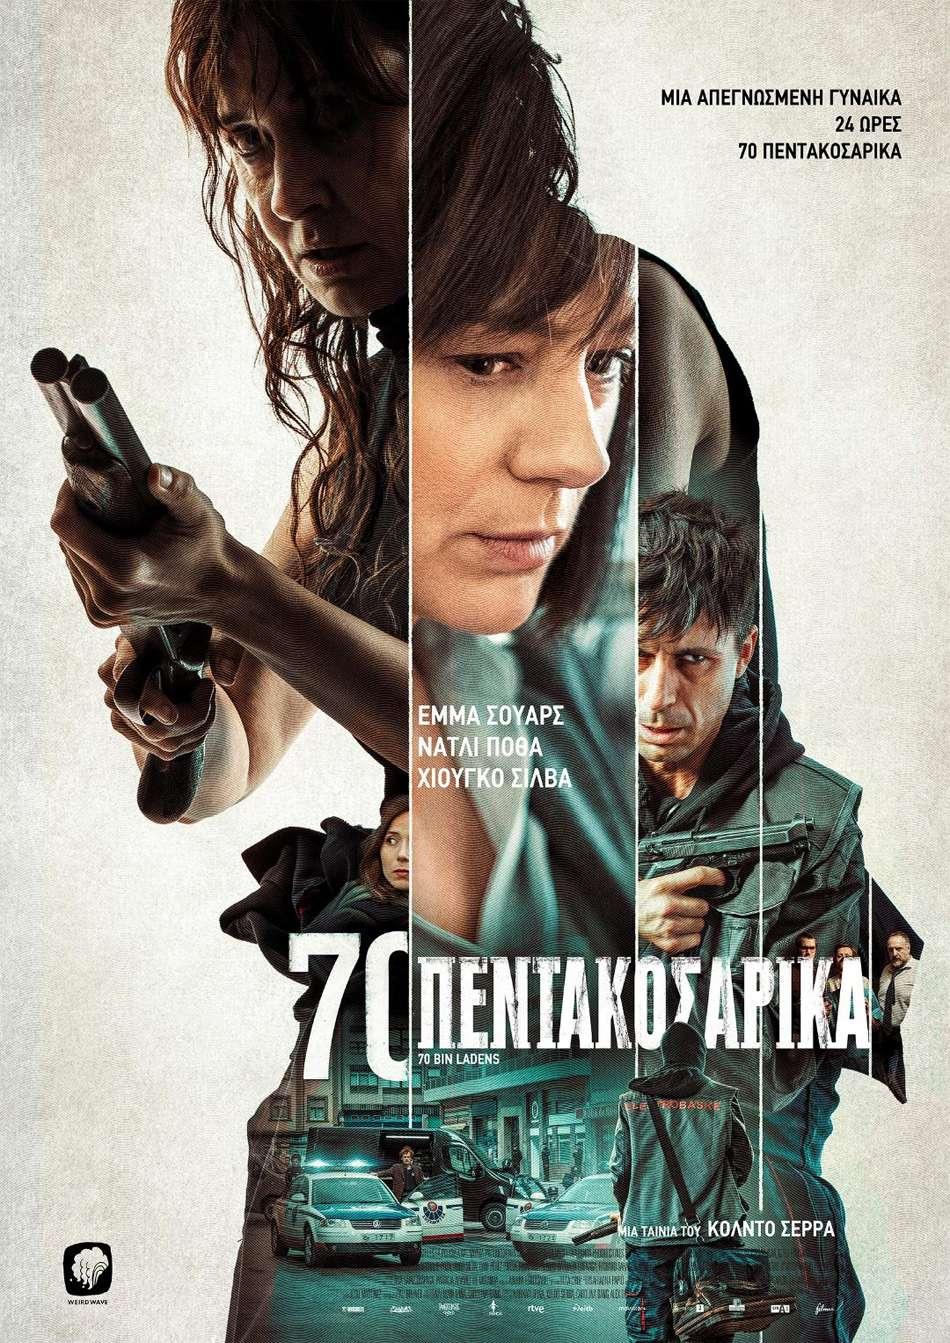 70 Πεντακοσάρικα (70 Binladens / 70 Big Ones) - Trailer / Τρέιλερ Poster